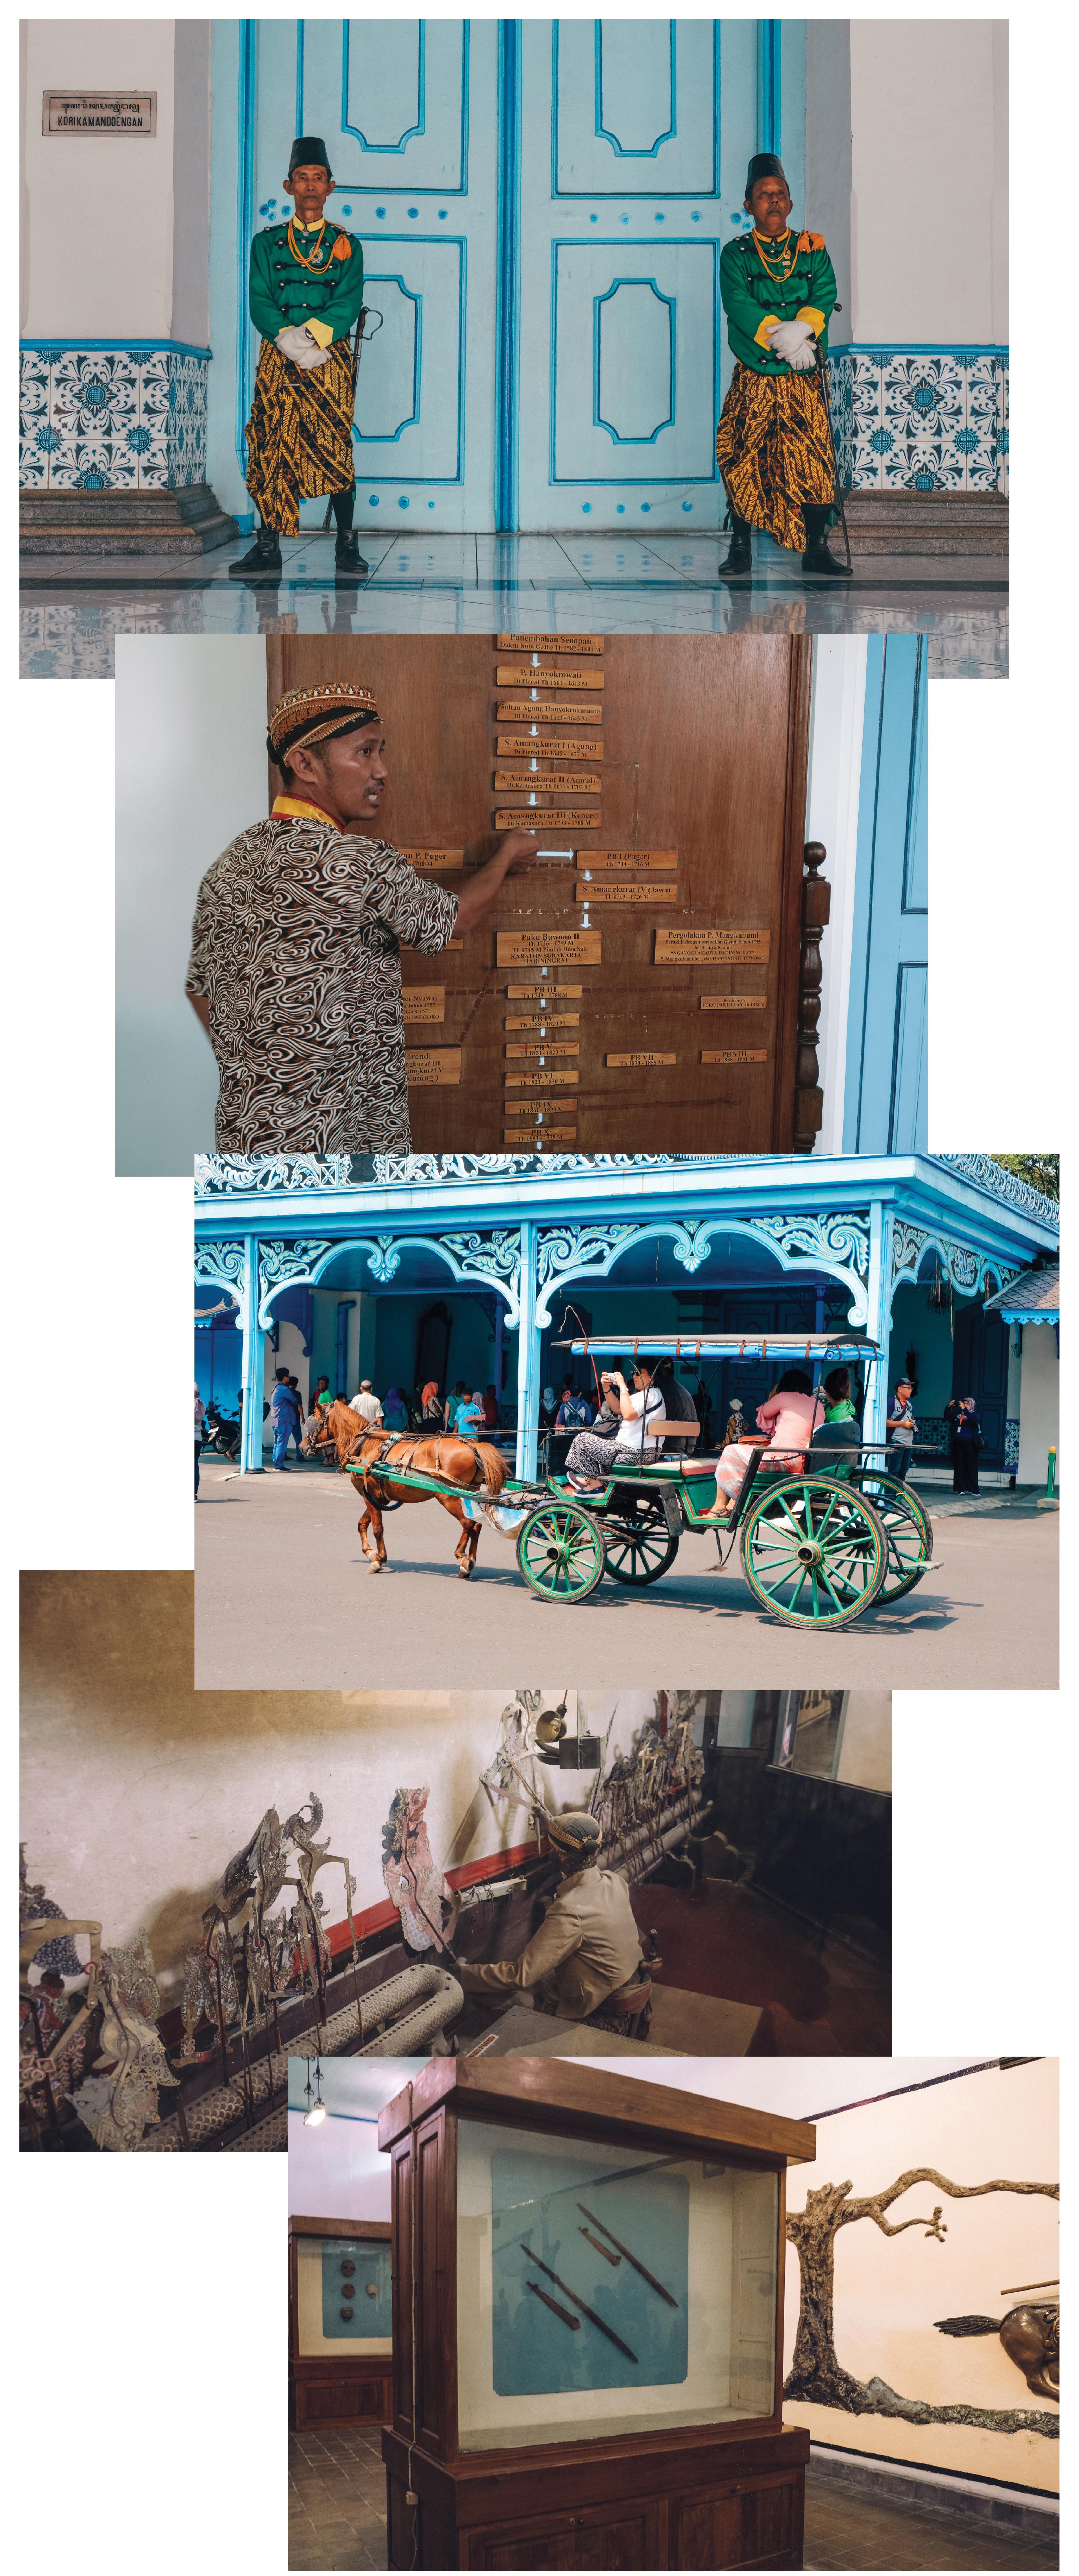 Panggung Songgo Buwono the reason to travel in Indonesia